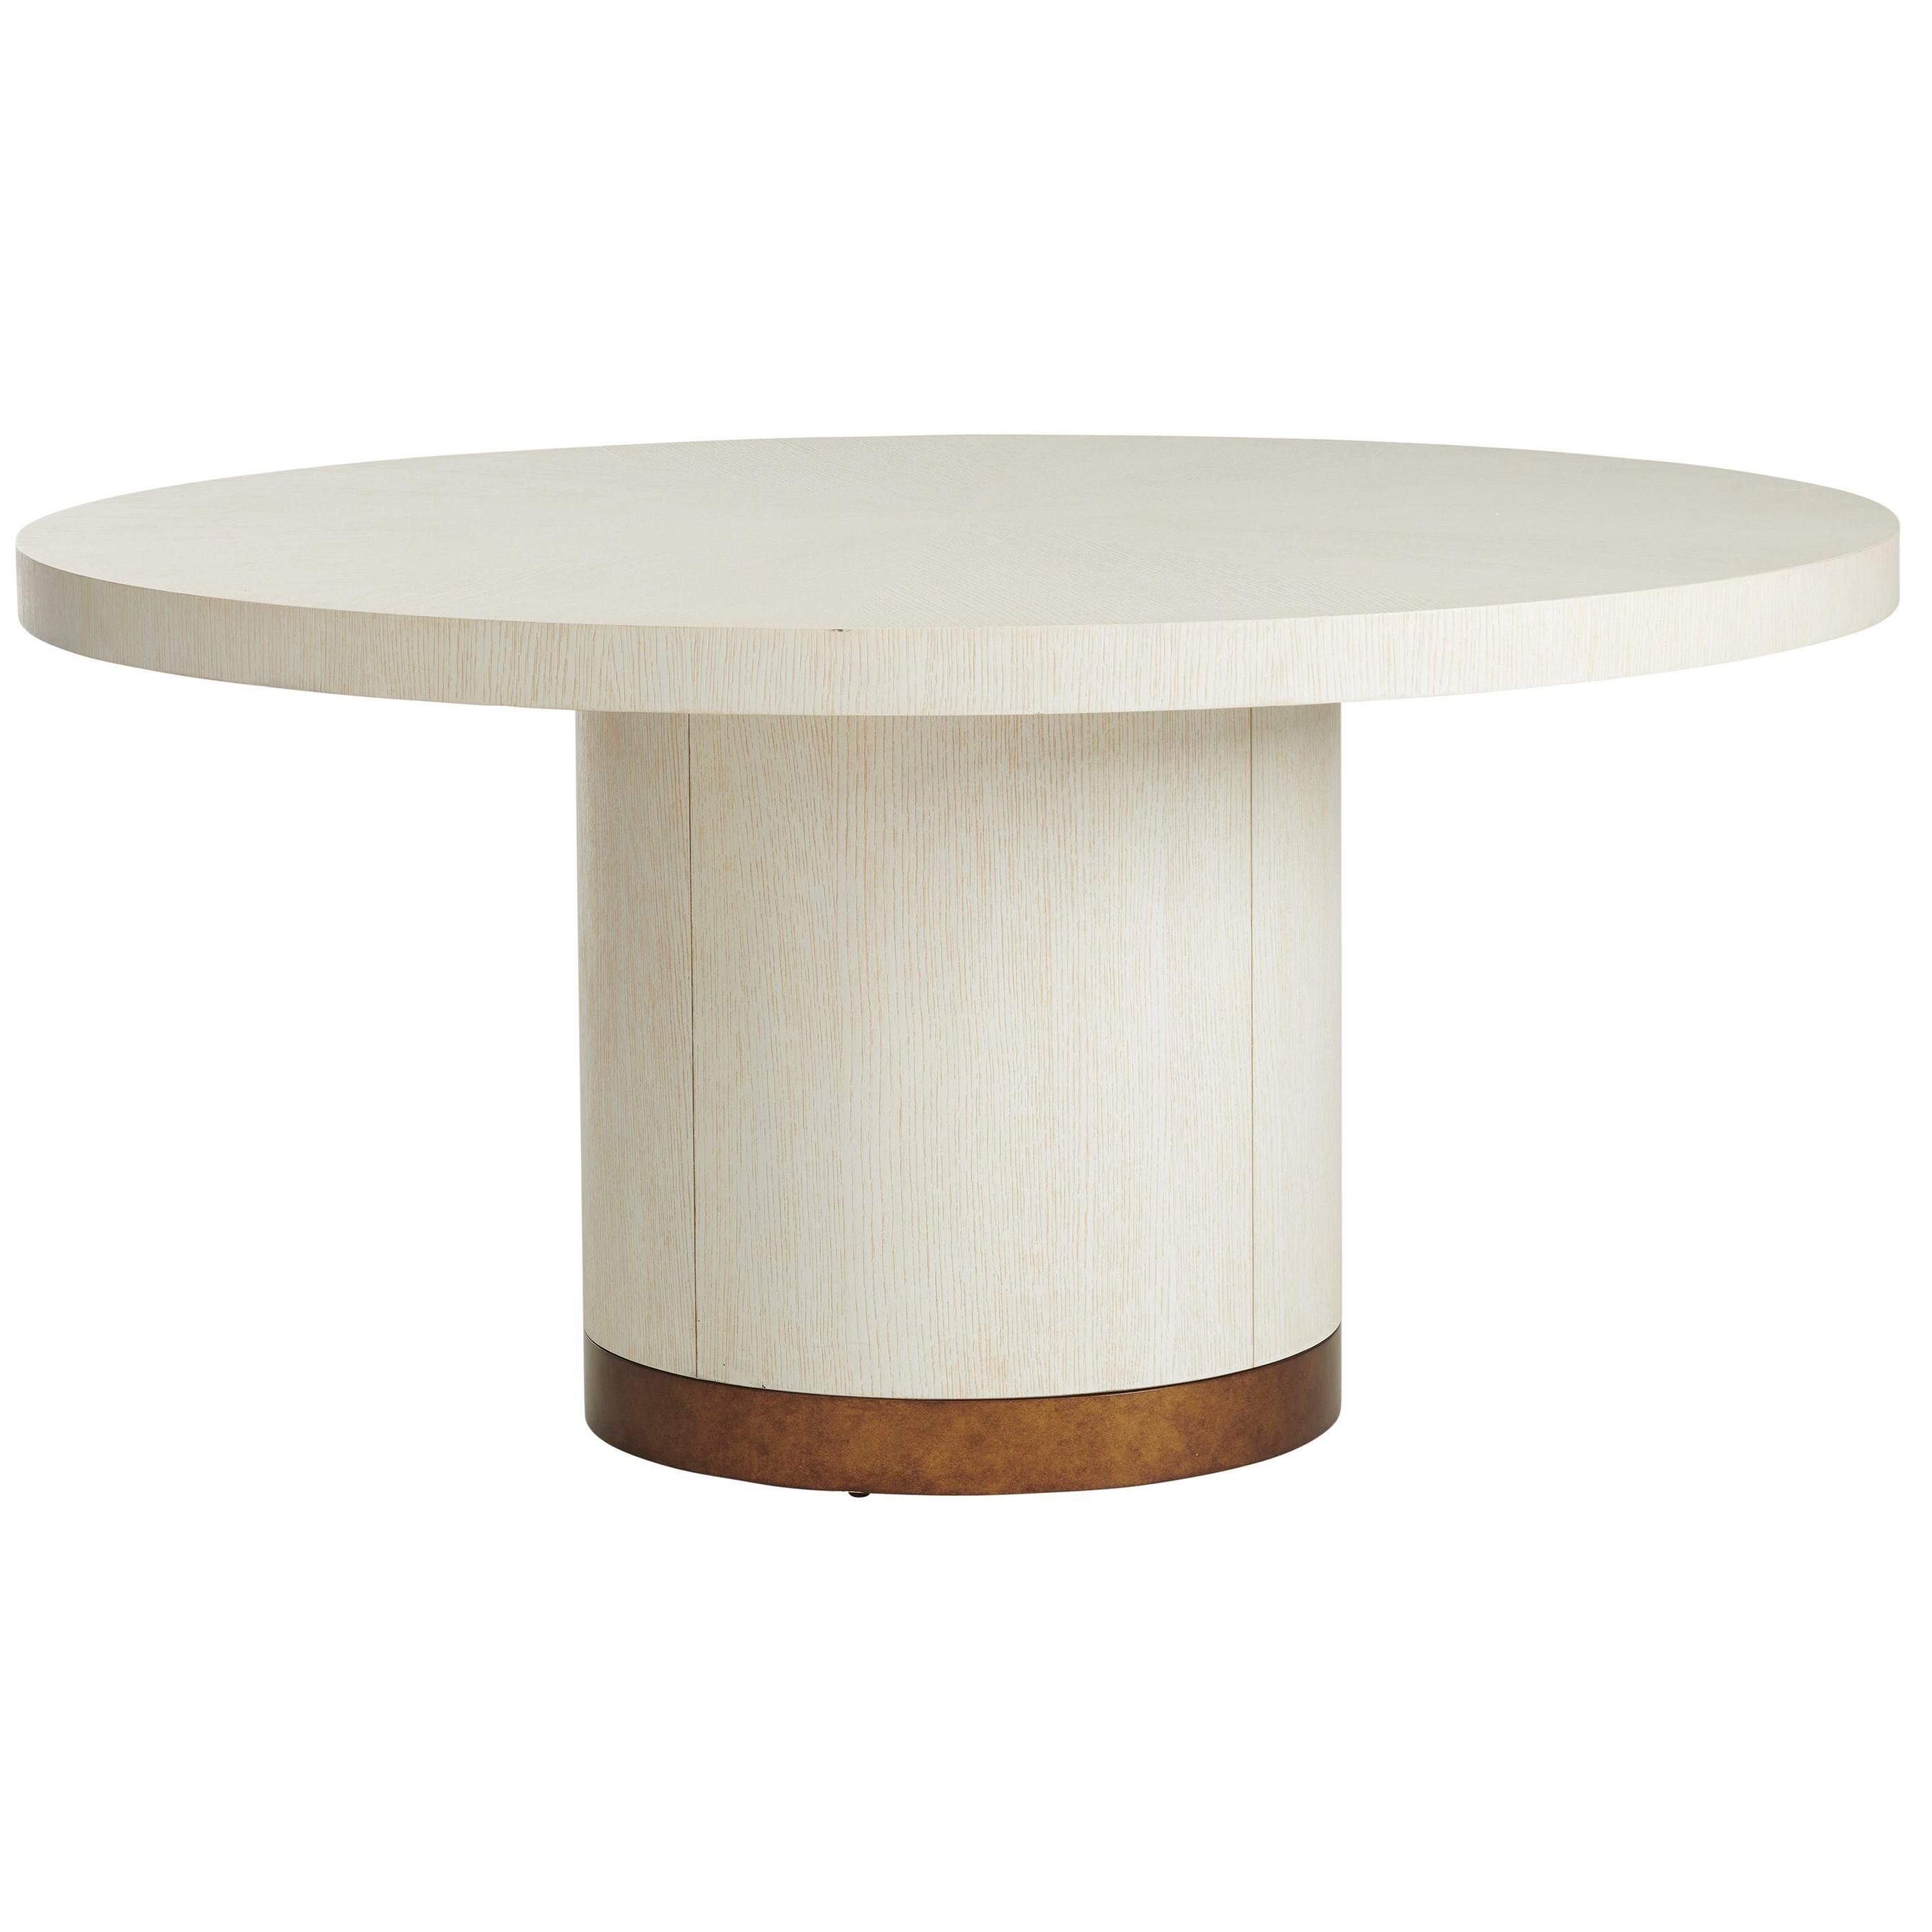 Selfridge Round Pedestal Dining Table